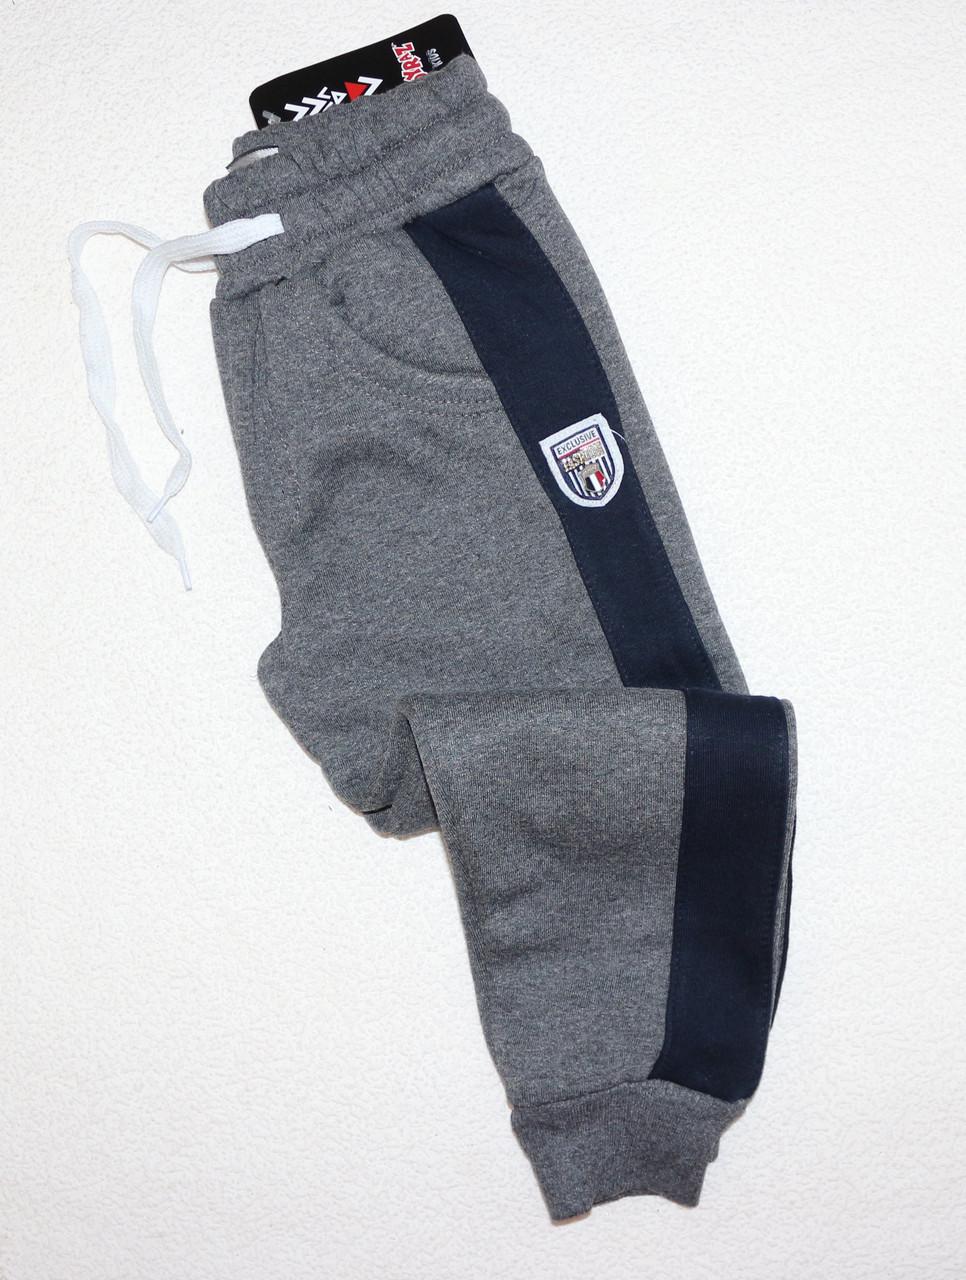 Спортивные штаны на мальчика (начес) 8,9,10,11 лет